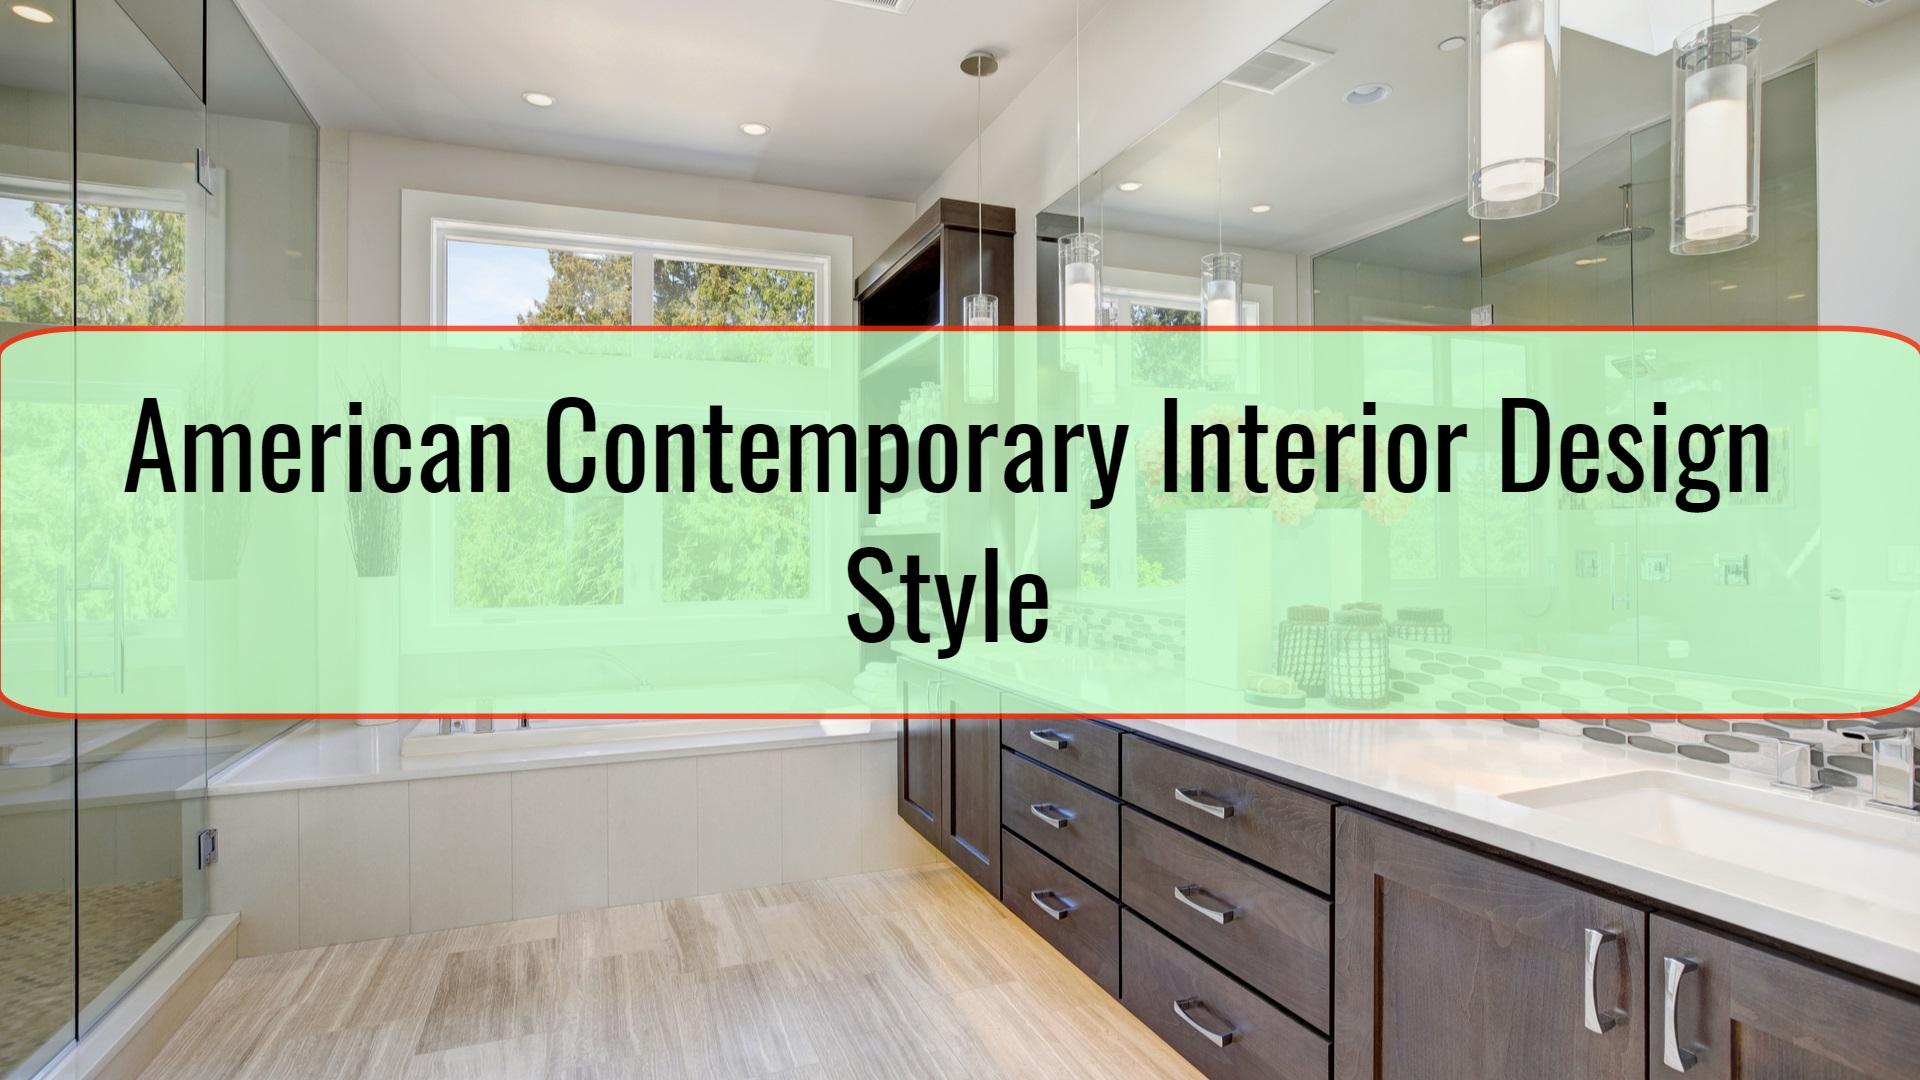 American Contemporary Interior Design Style